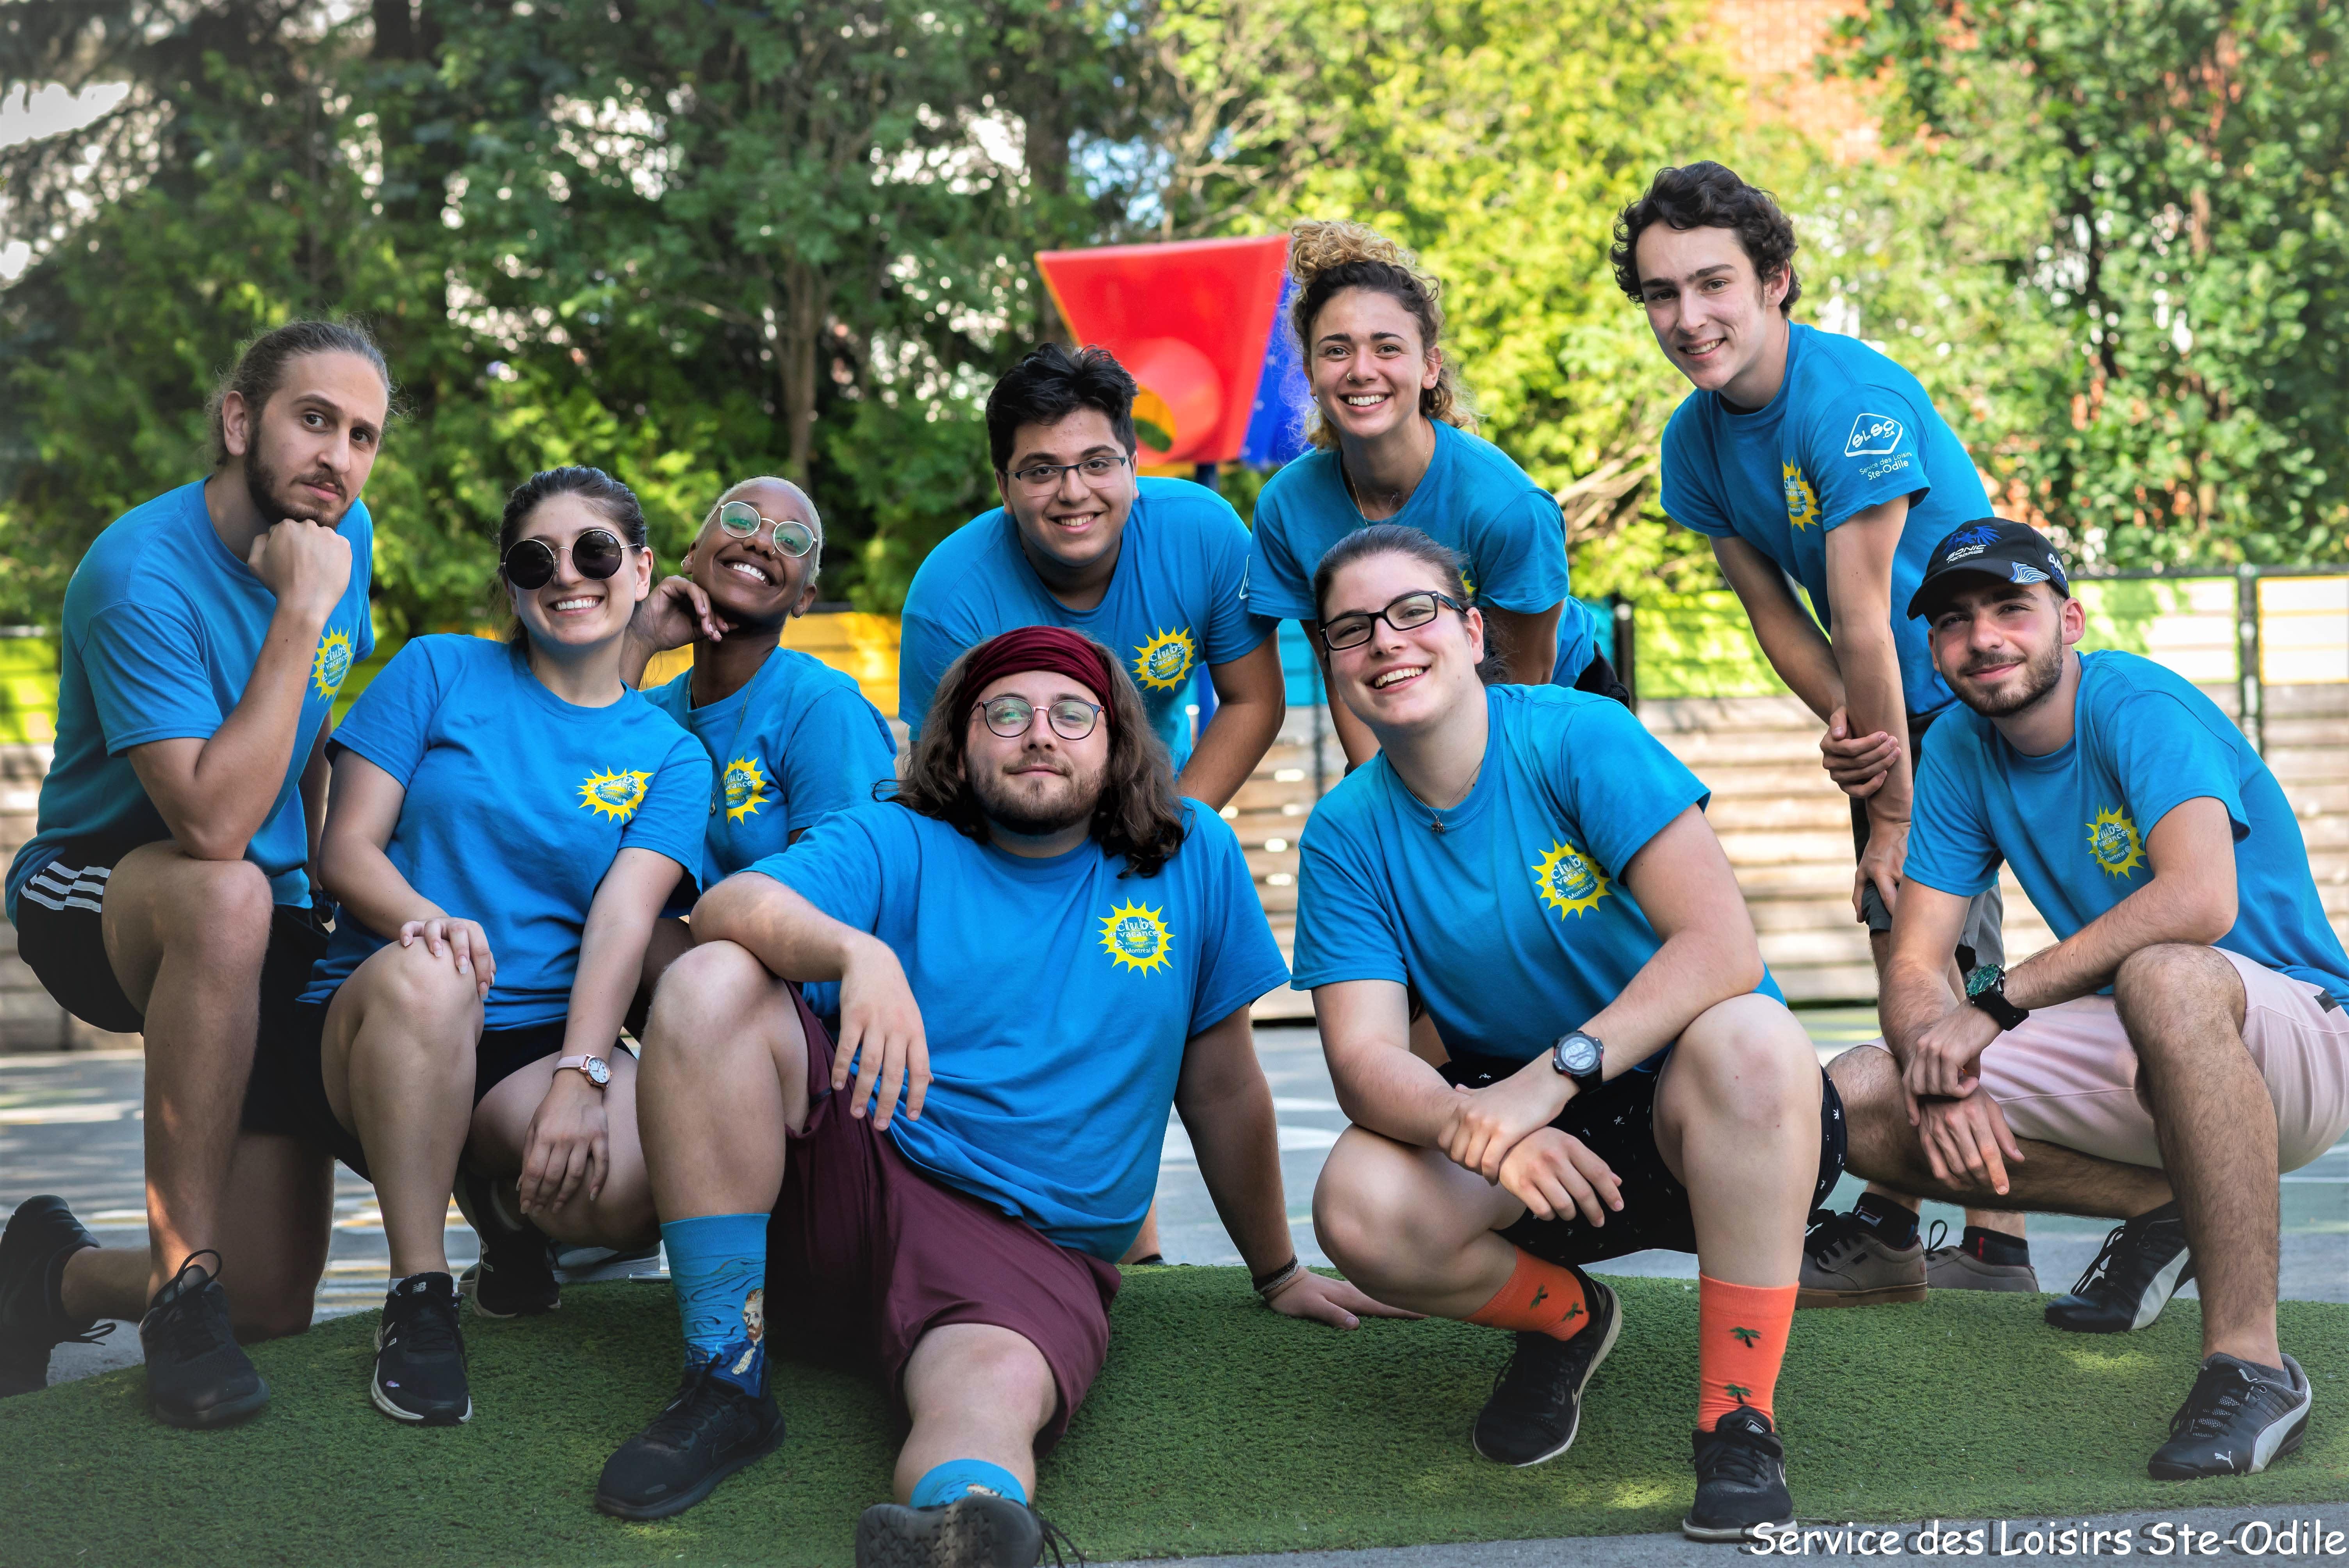 photo d'un groupe d'animatrices et d'animateurs du camp de jour de des loisirs Sainte-Odile